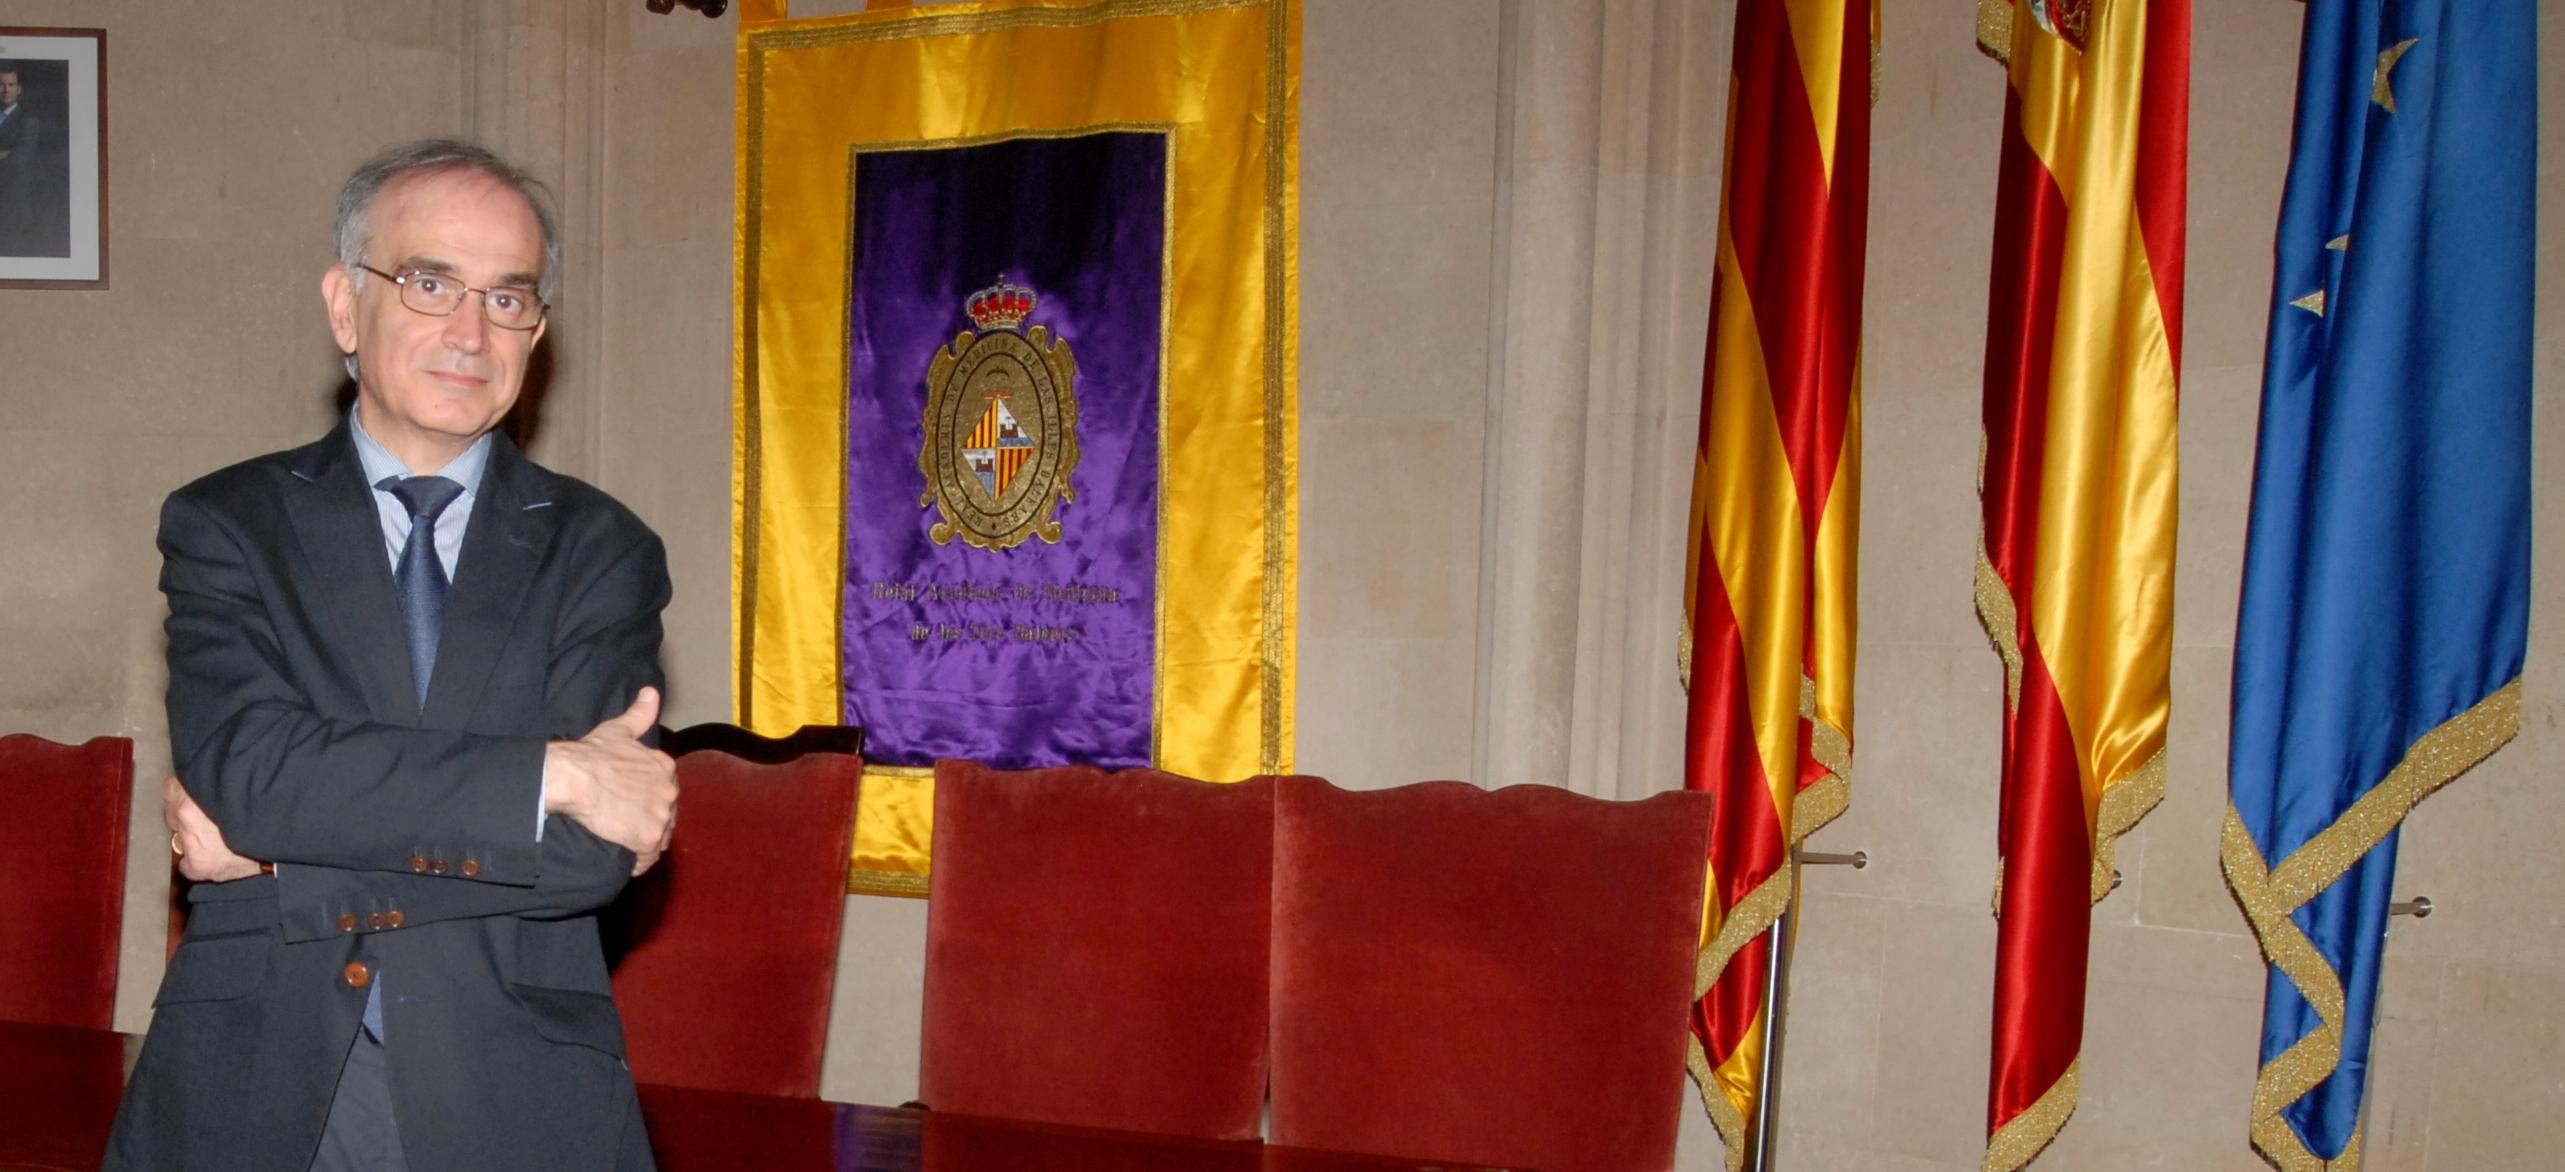 Macià Tomàs Salvà, presidente de la Real Academia de Medicina de les Illes Balears